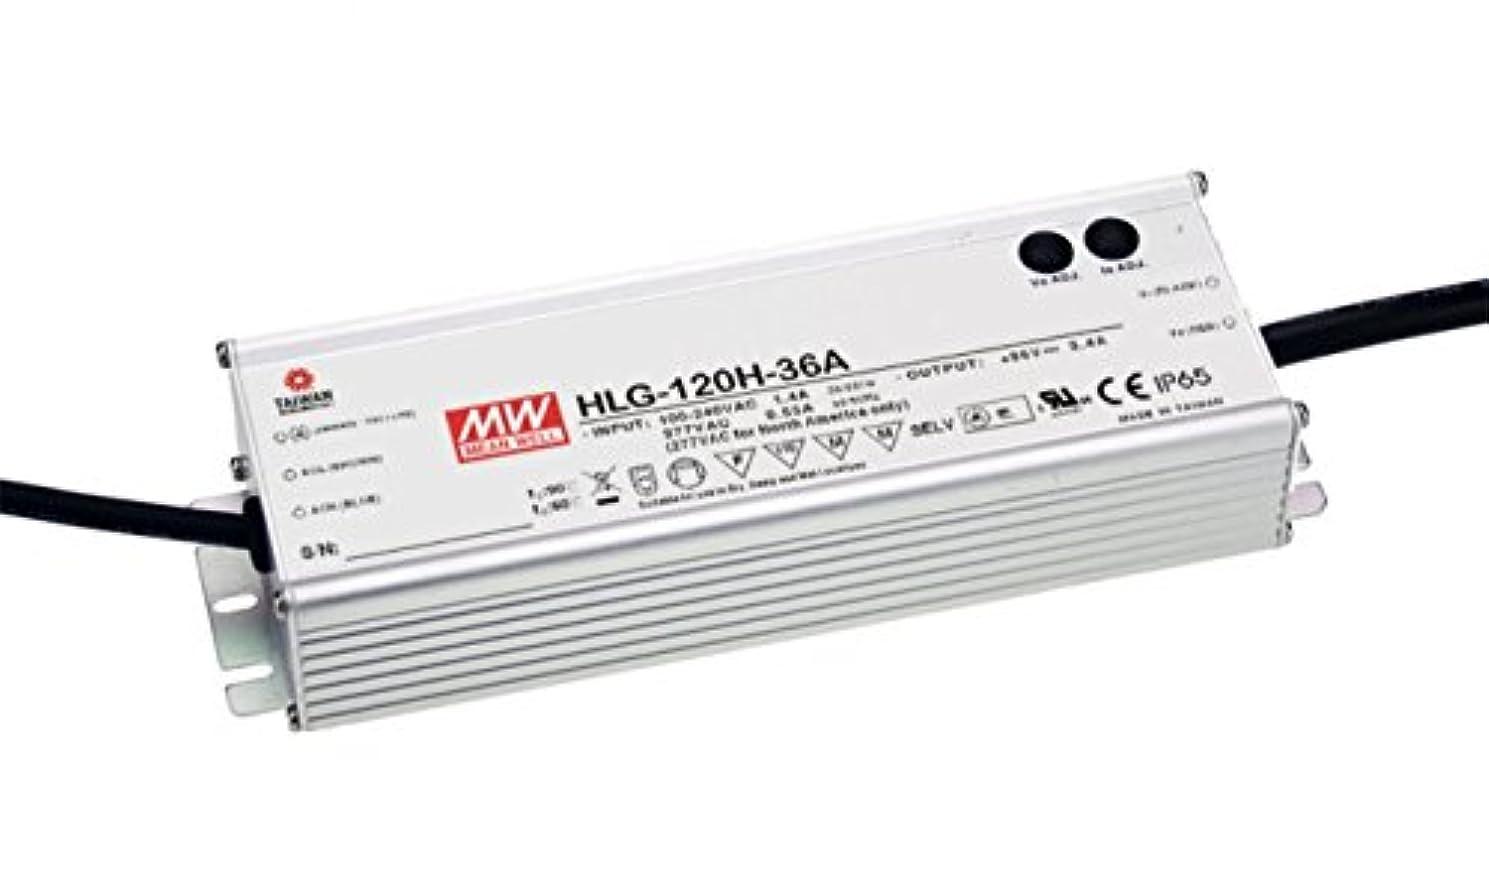 株式アサージョージエリオットLED電源 120W 24VDC/5A HLG-120H-24A Meanwell AC-DC スイッチング電源 HLG-120Hシリーズ明纬定電圧+定電流電源